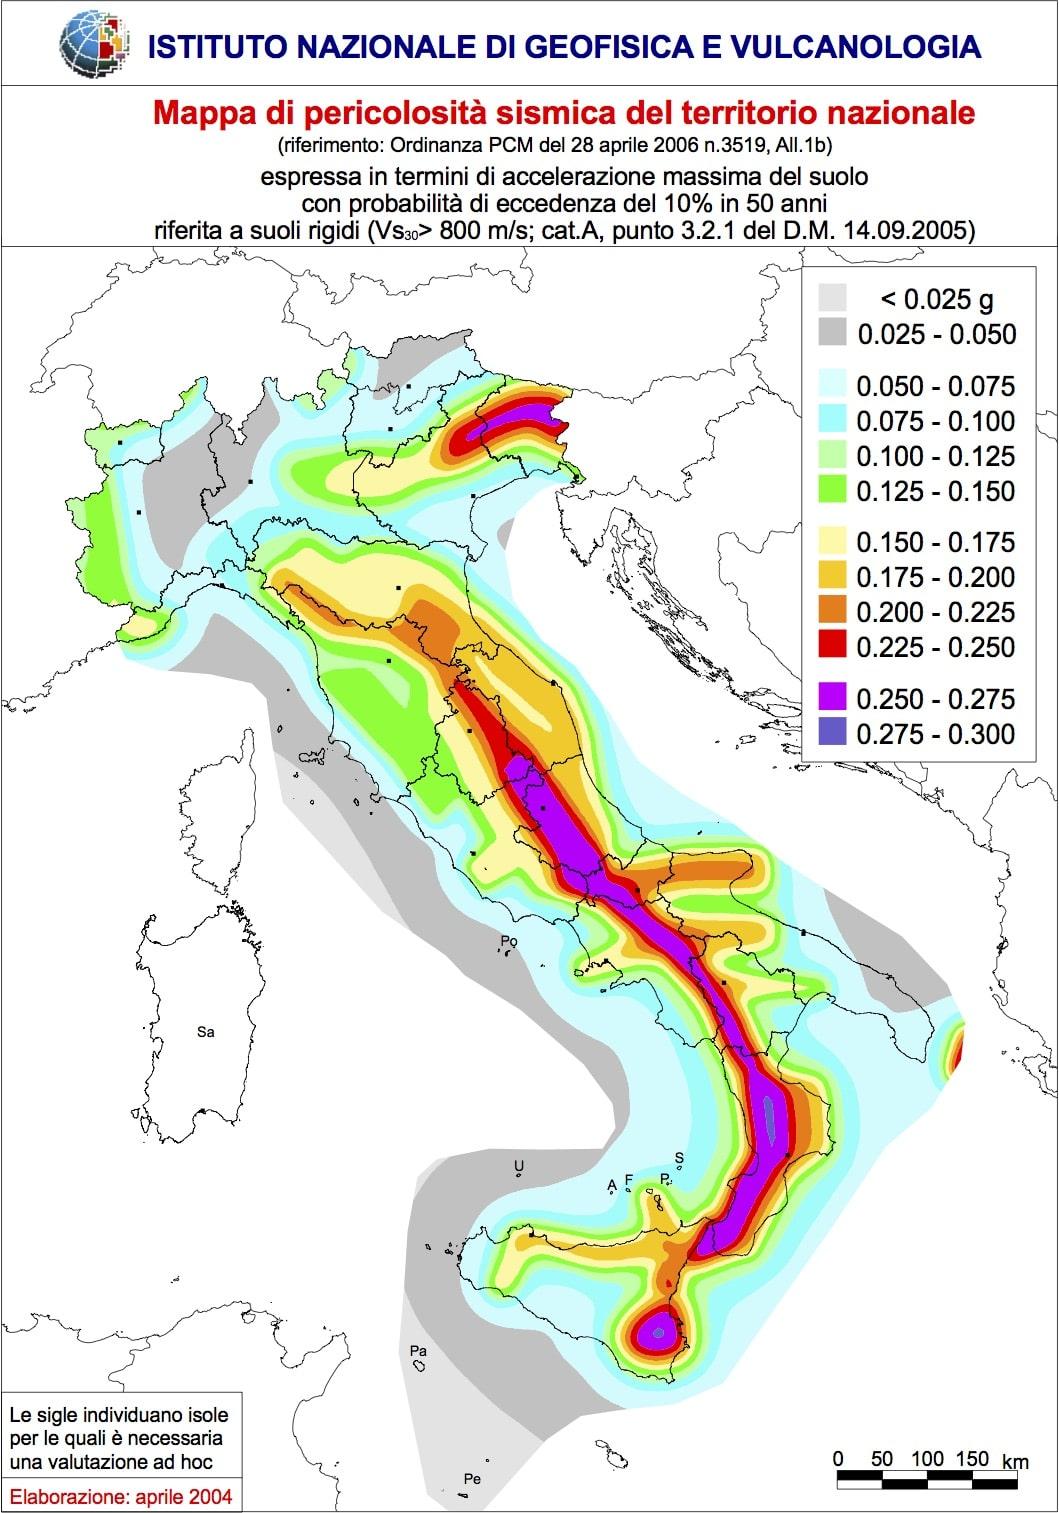 Terremoto oggi in Italia 13 agosto 2020: tutte le ultime scosse | Tempo reale